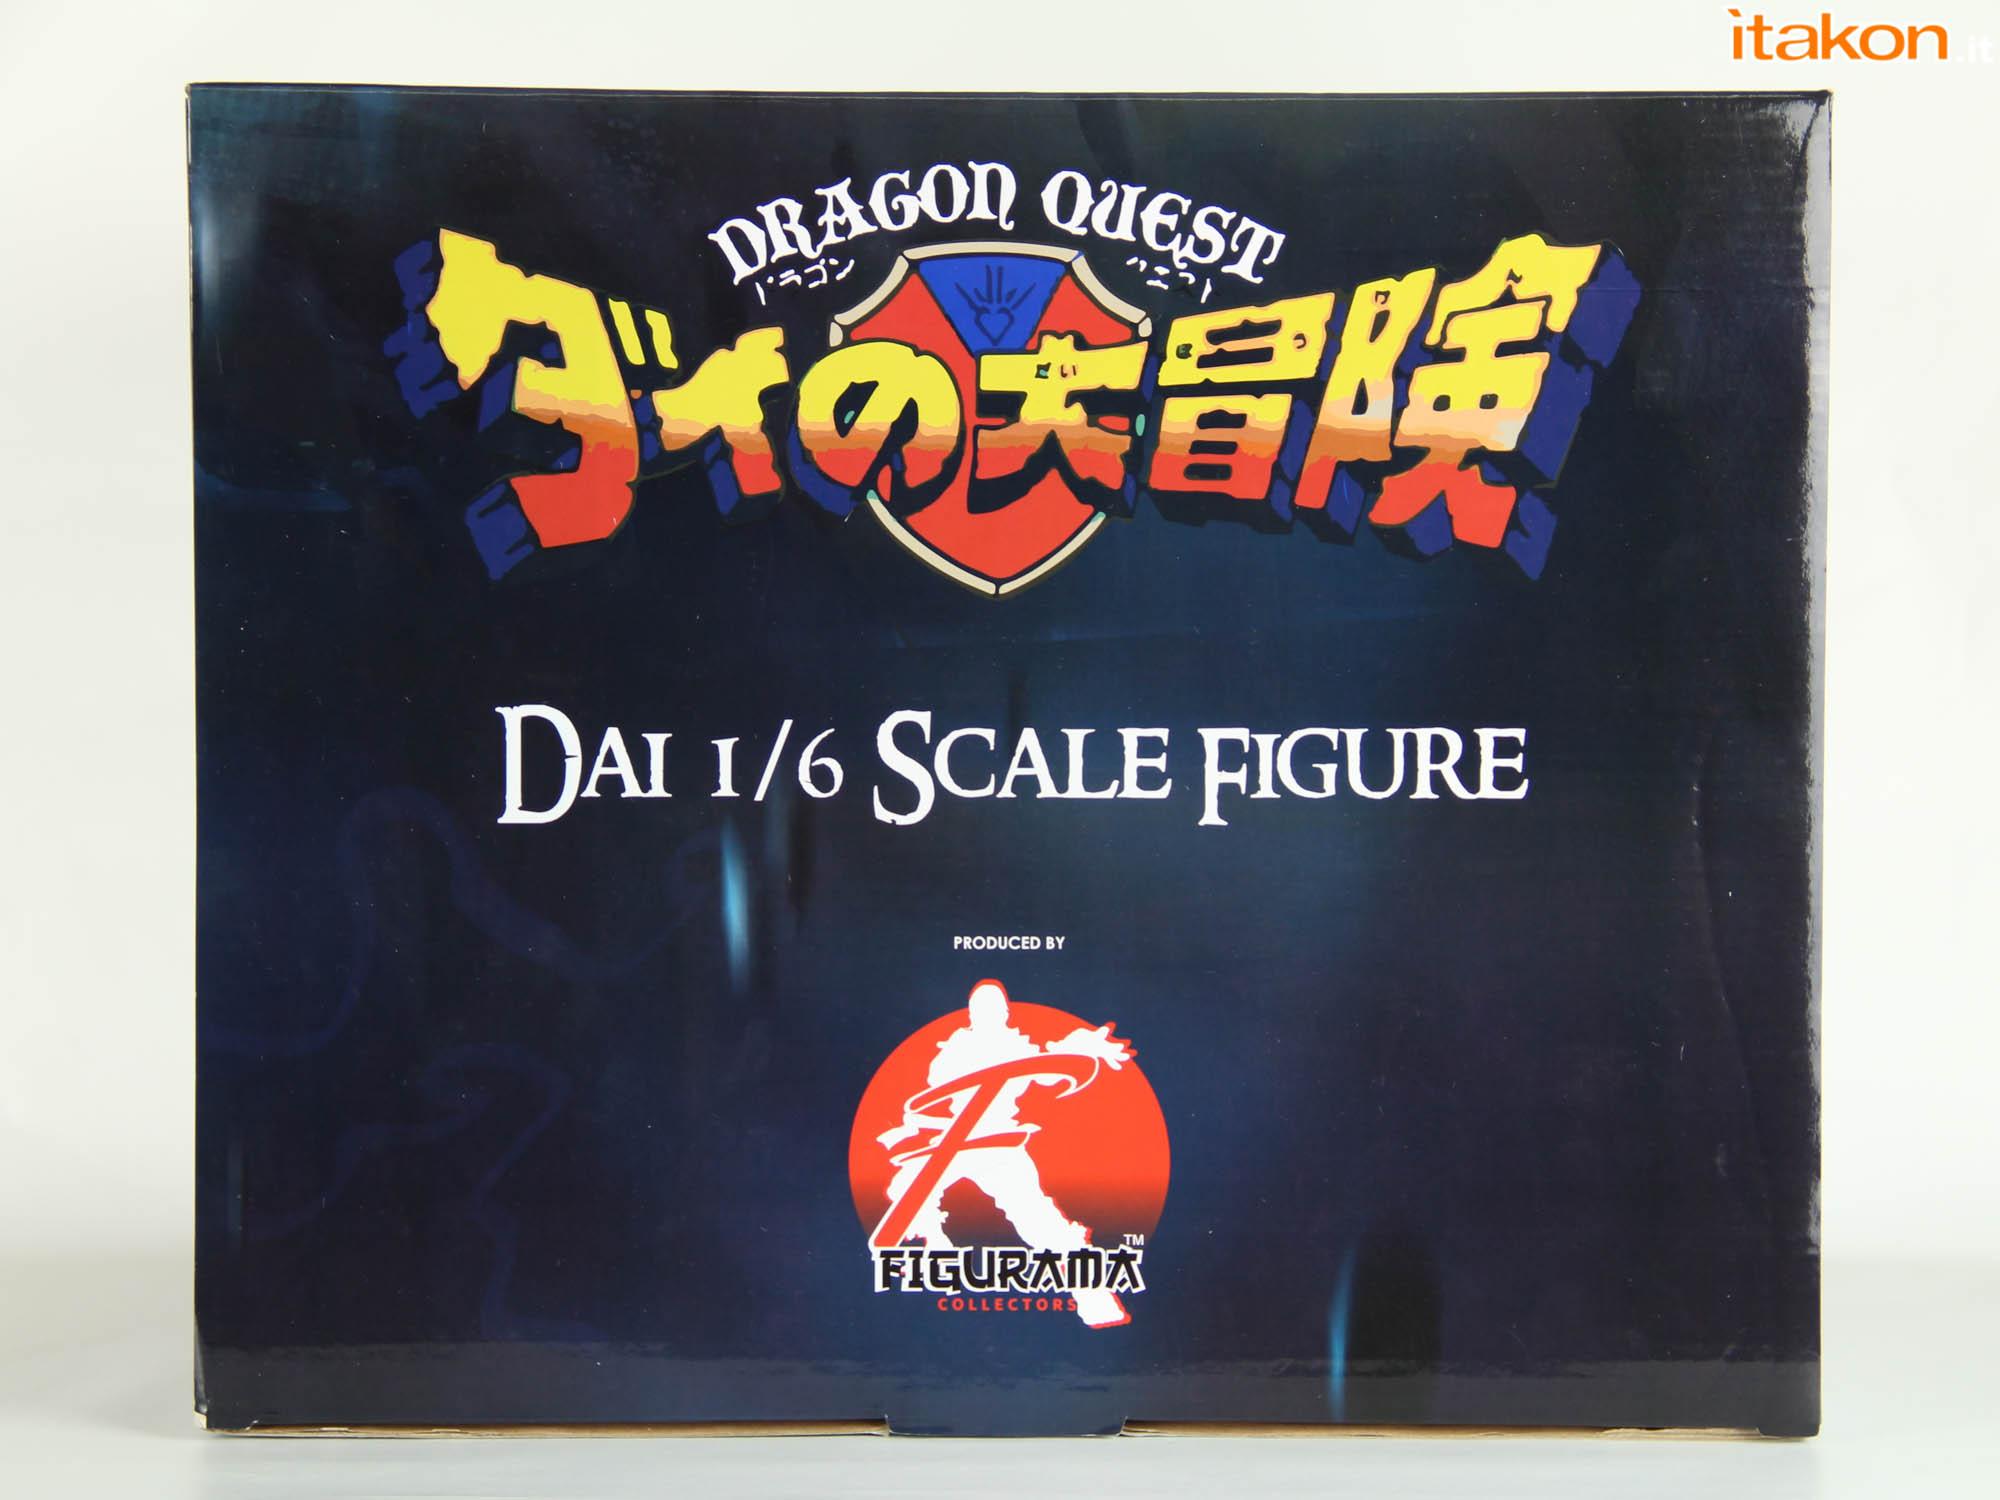 figurama_collectors_dai_review-138